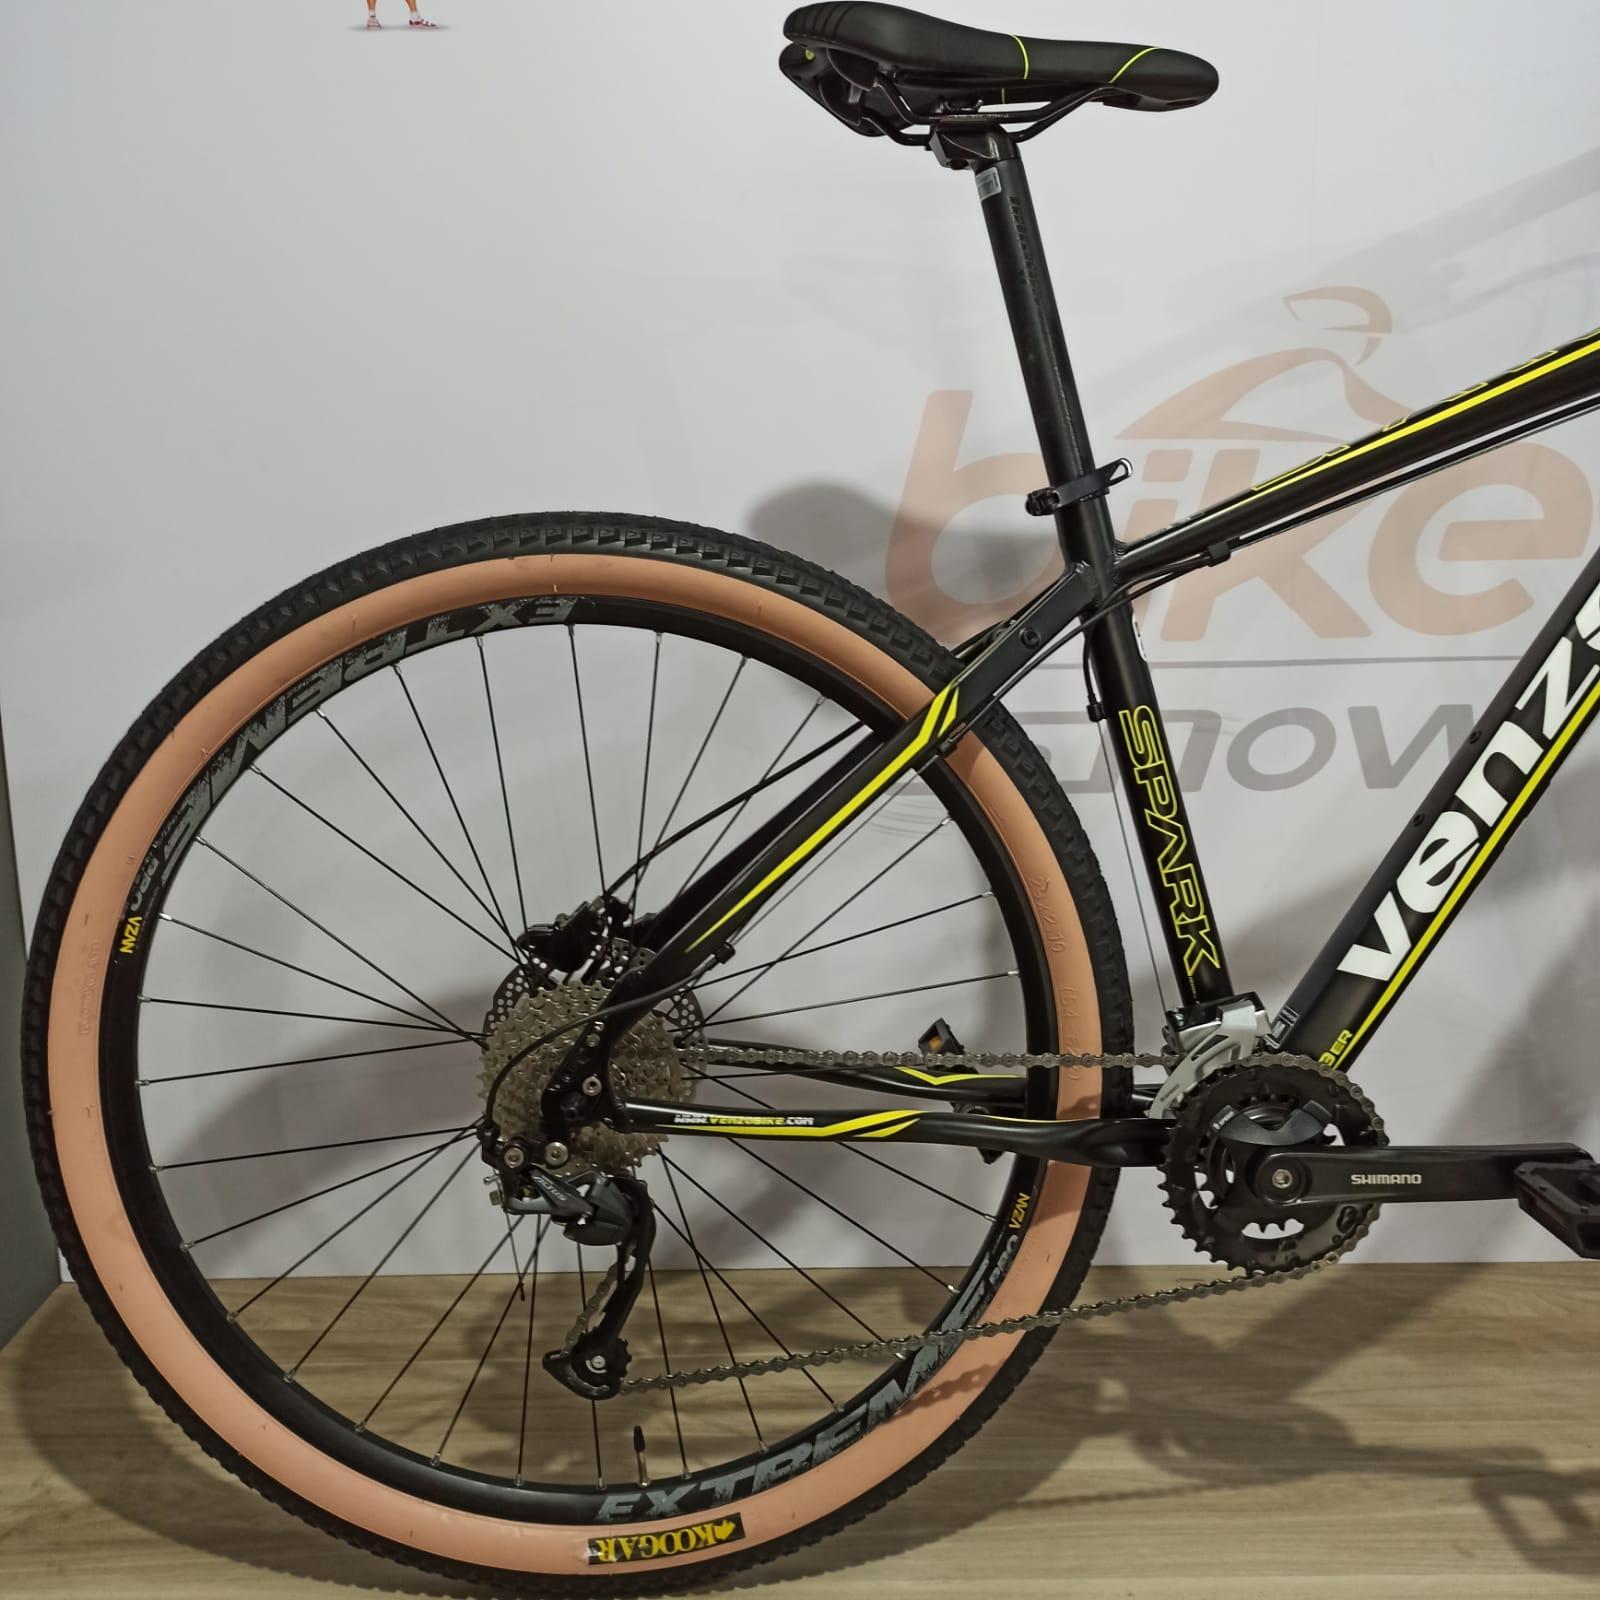 Bicicleta VENZO Spark aro 29 - 18v Shimano Altus - Freio Shimano Hidráulico - Suspensão Suntour com Trava no ombro